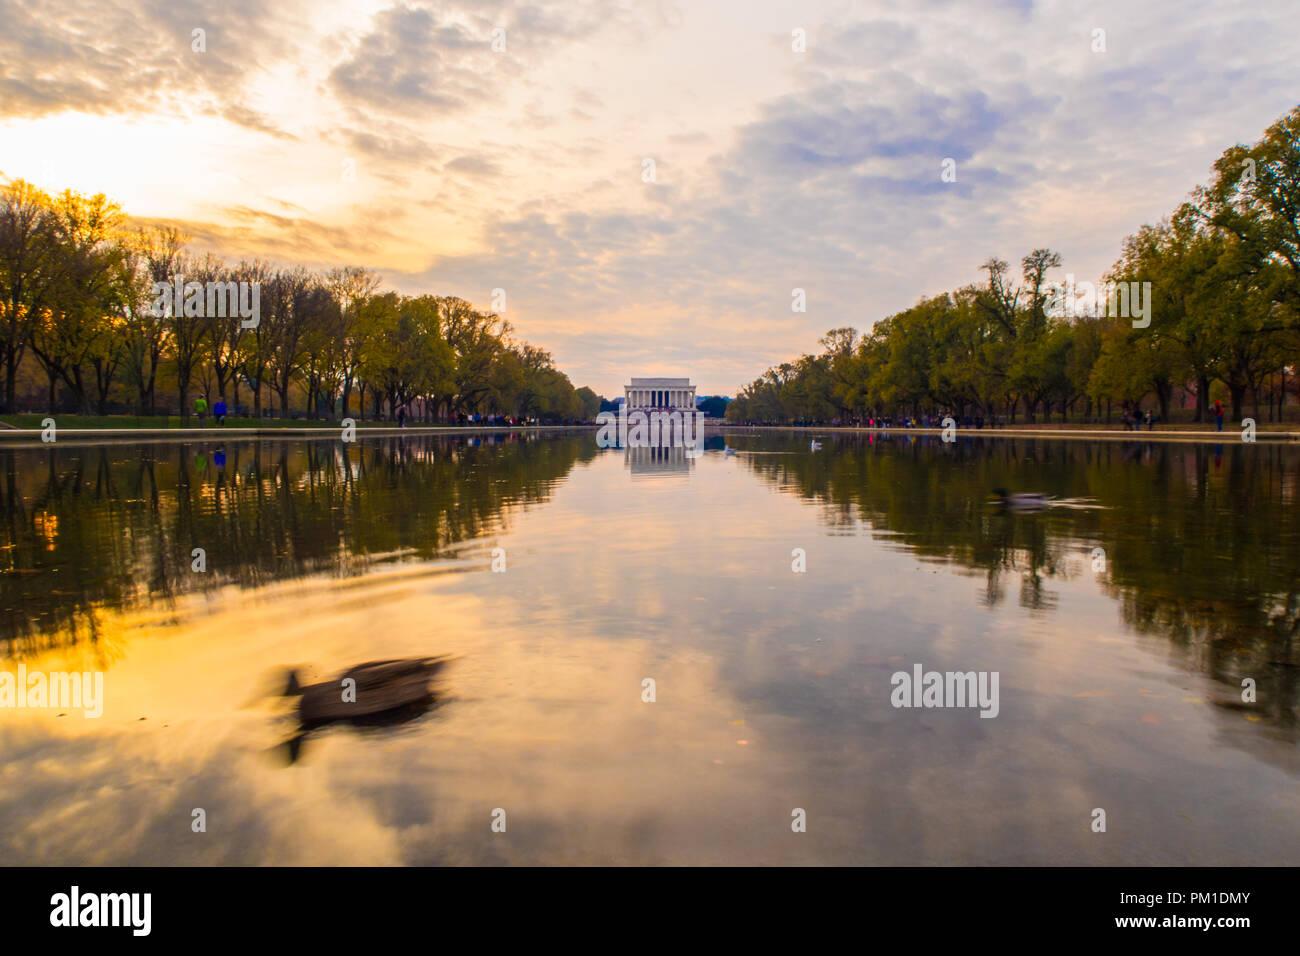 Die Abraham Lincoln Memorial über von der reflektierenden Pool. Washington DC, USA. Ein Blick auf das Lincoln Memorial über von der reflektierenden Pool. Stockbild